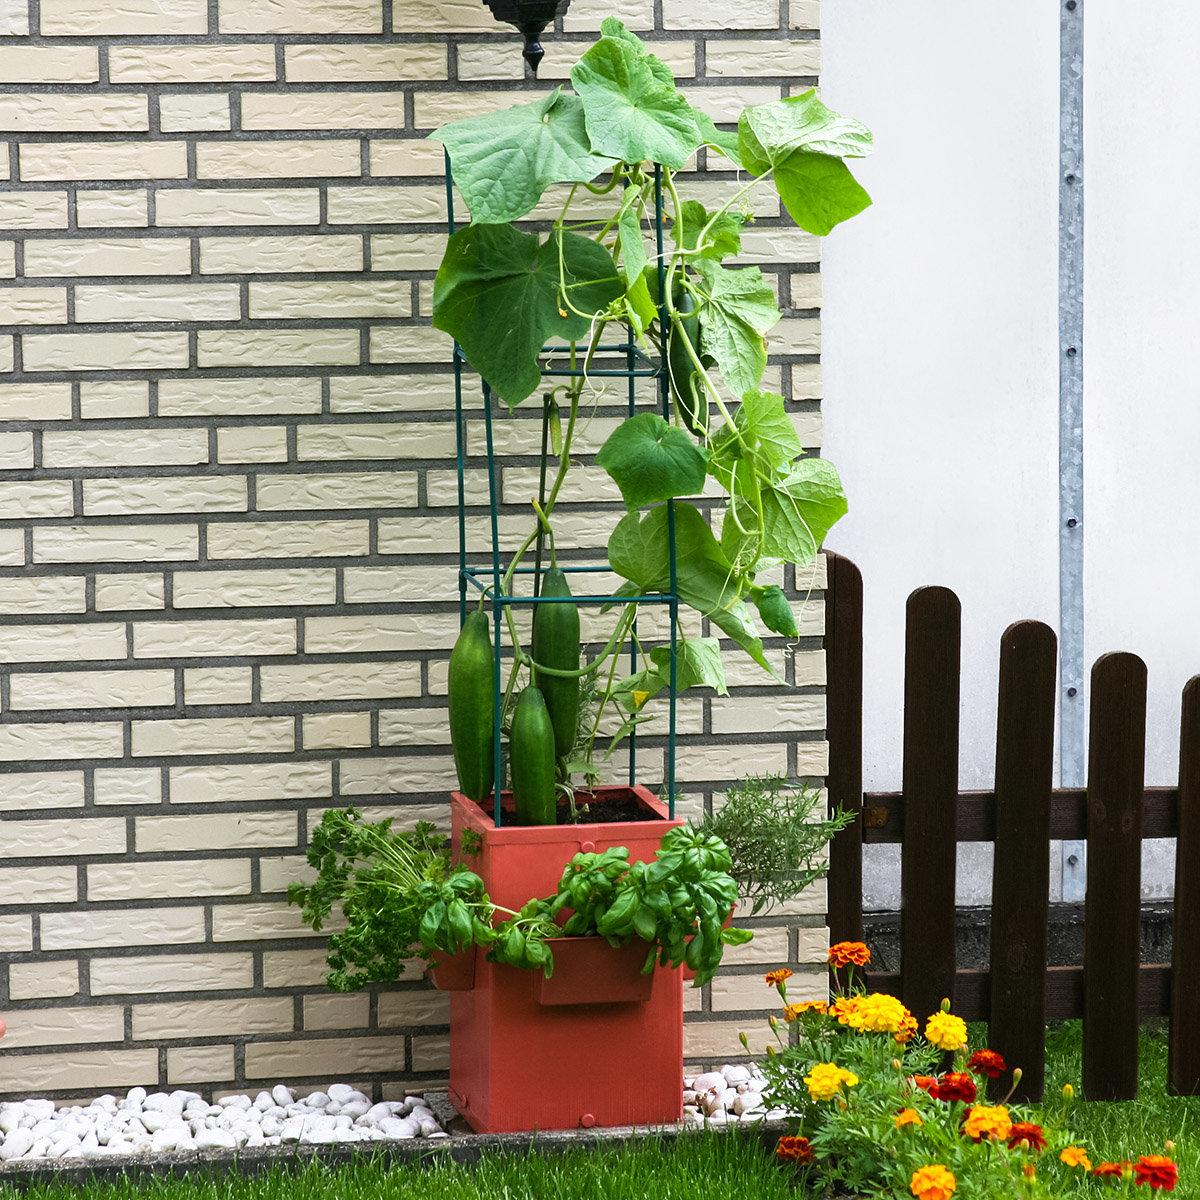 Gemüse- und Pflanztower, hoch